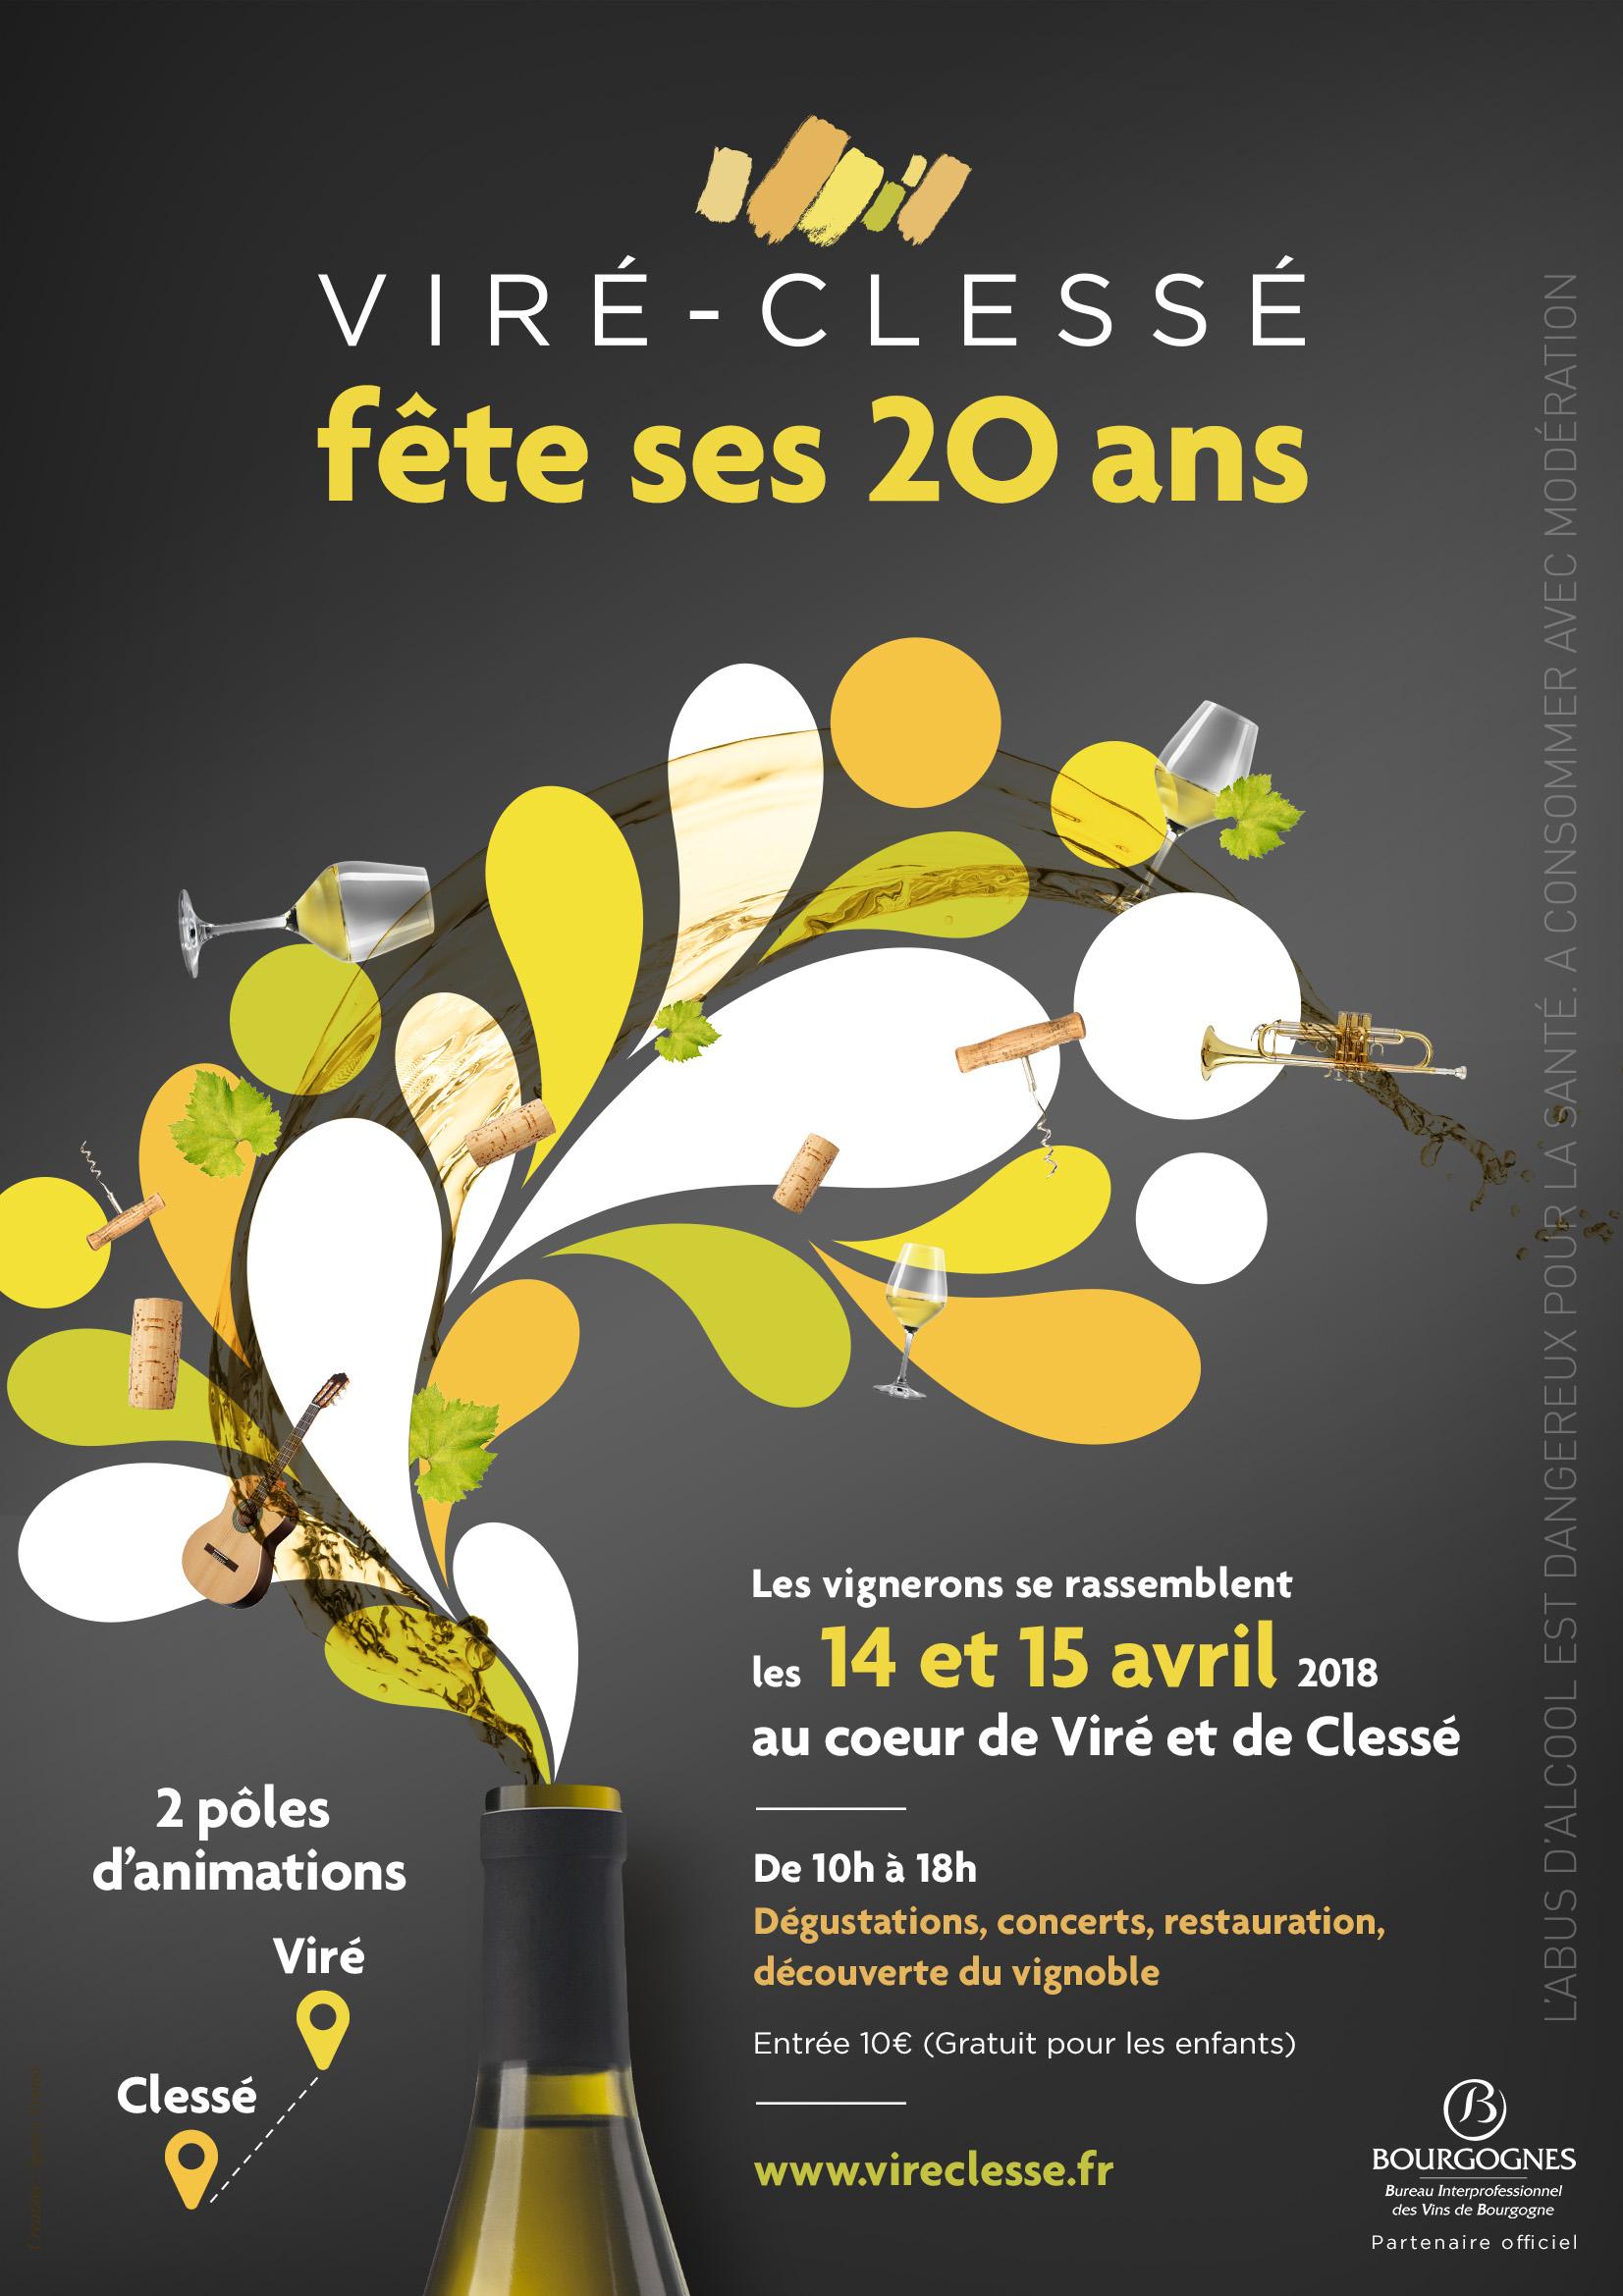 Le Cru Viré-Clessé fête ses 20 ans !